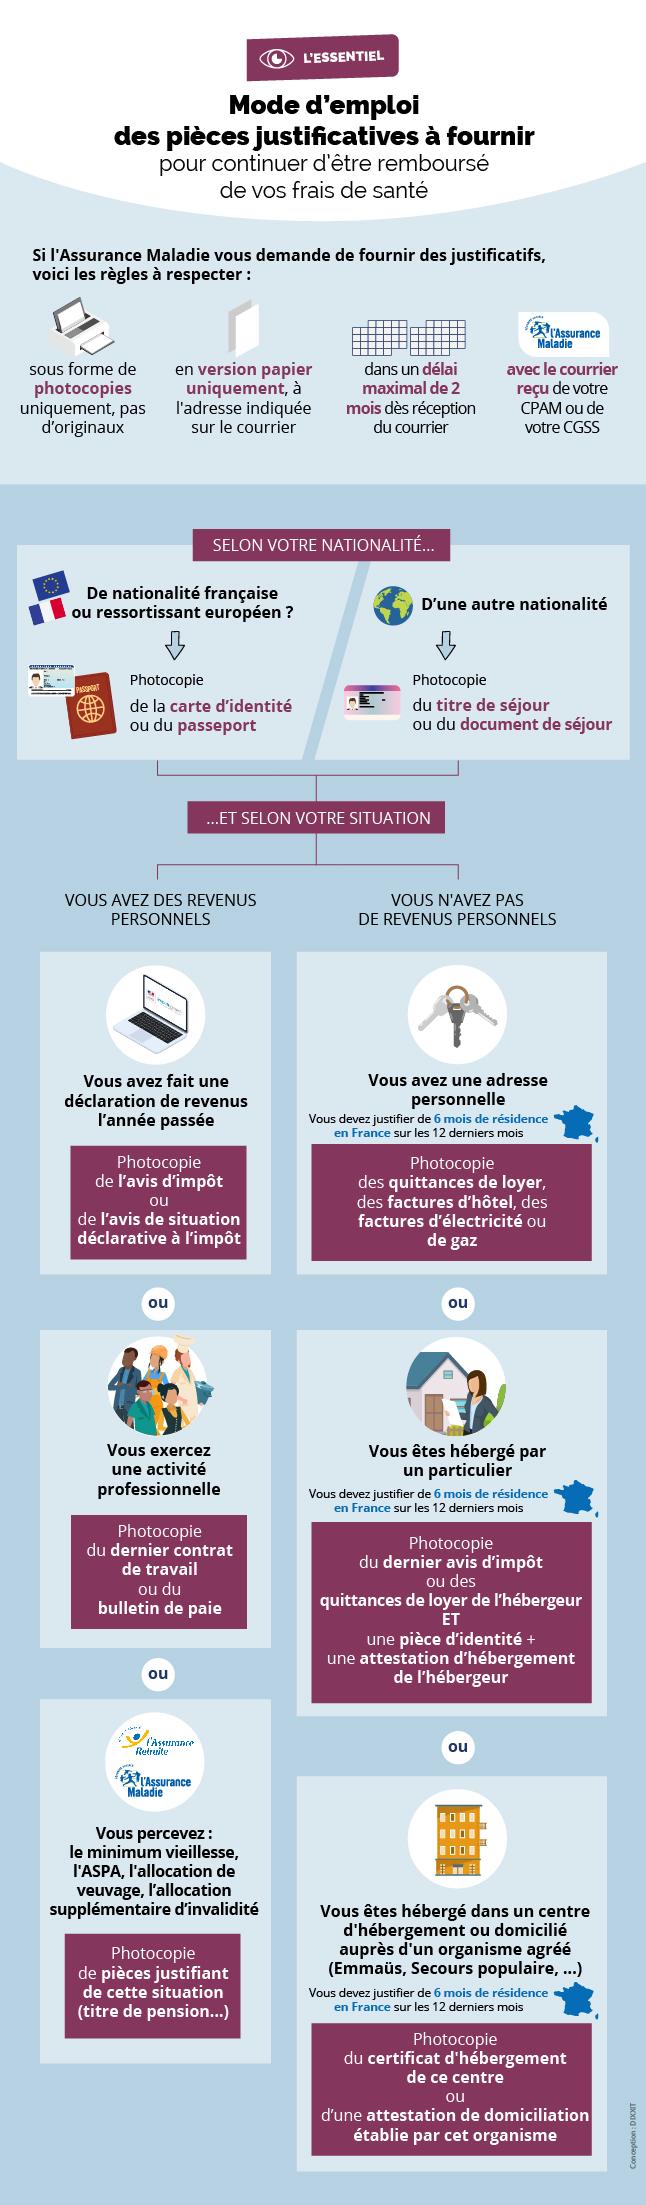 Infographie décrivant la liste des pièces justificatives à fournir pour continuer d'être remboursé des frais de santé